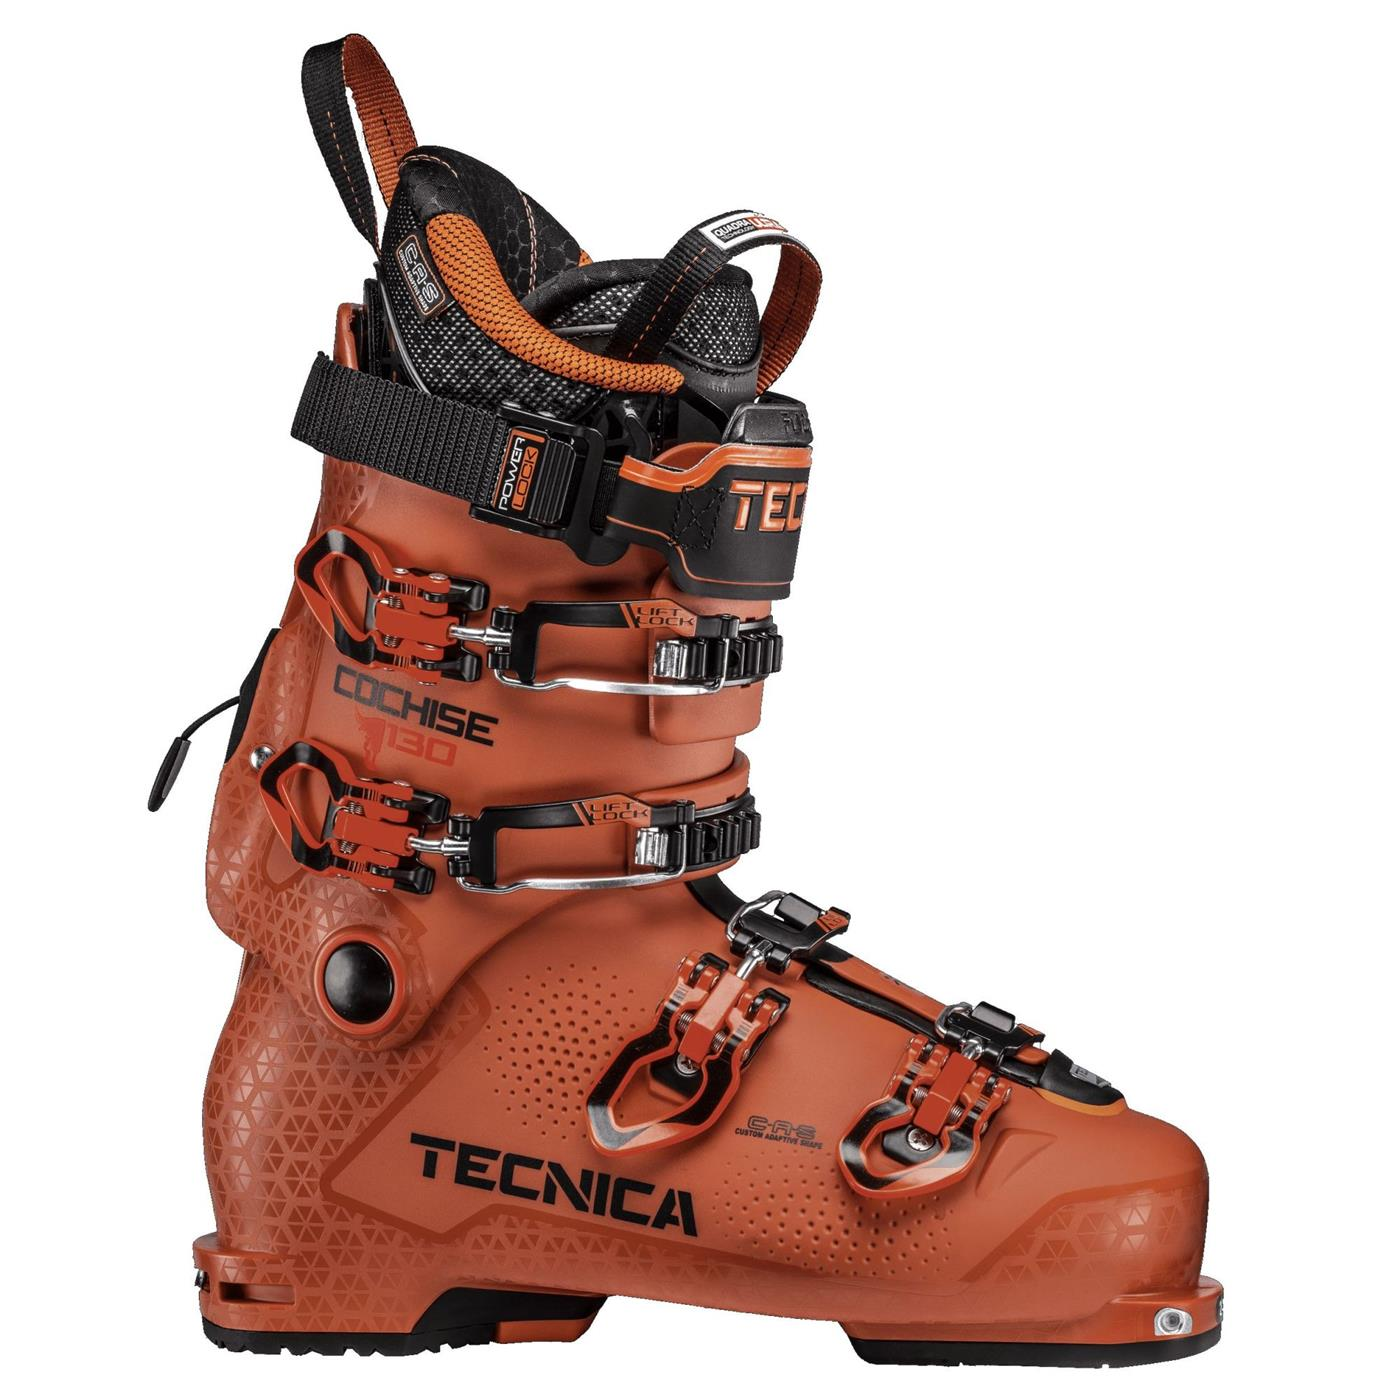 WEB_Image TECNICA Cochise 130 Dyn Oransje 275 Free 10184200_2u8_1-1638909864.jpg